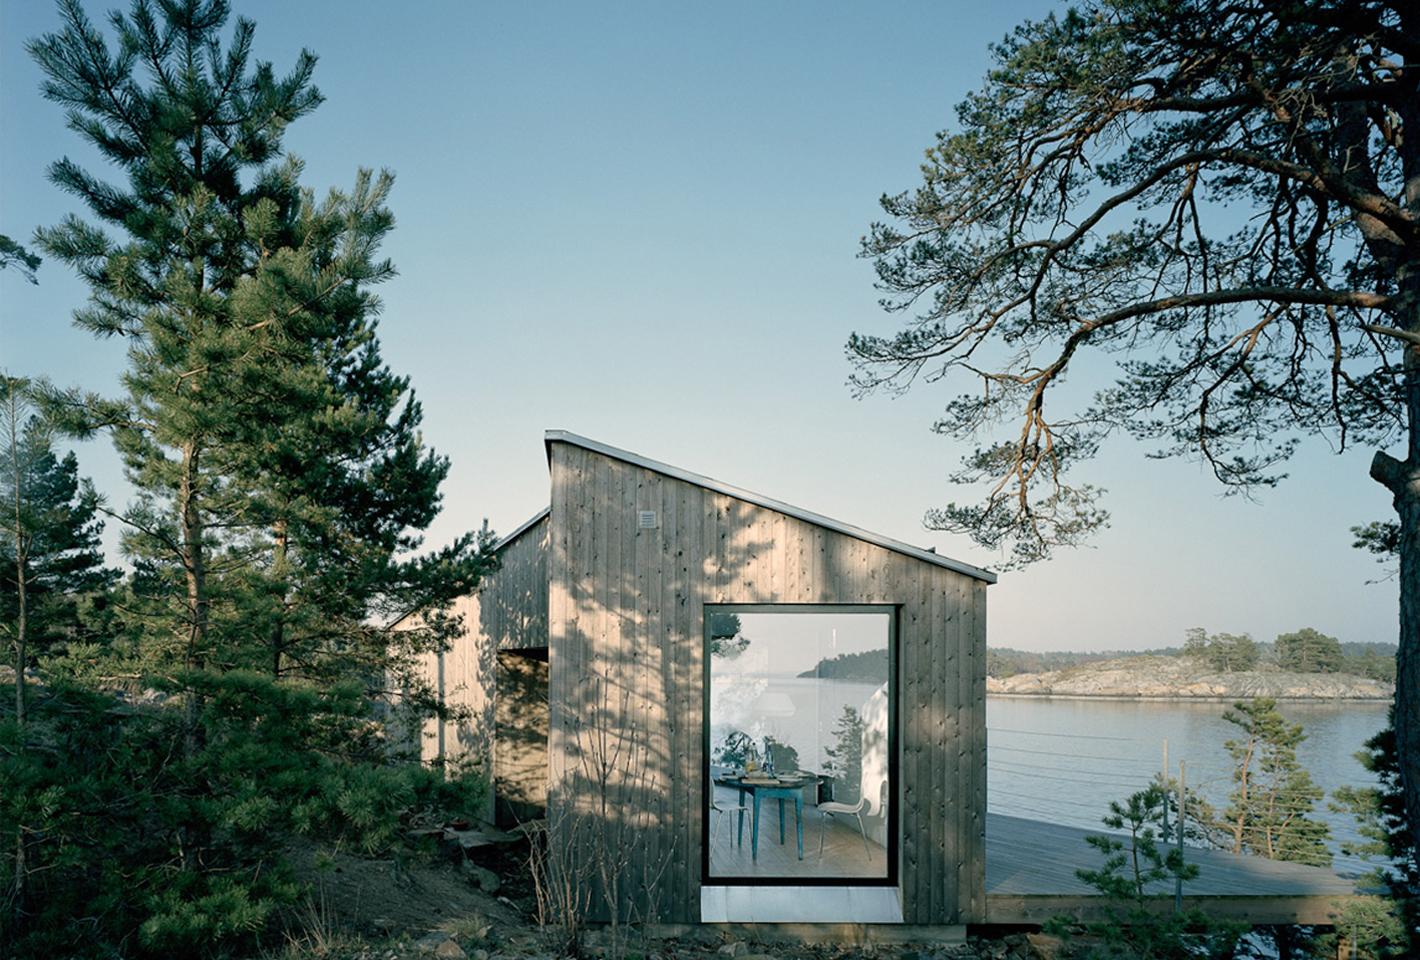 A Shelter On The Stockholm Archipelago